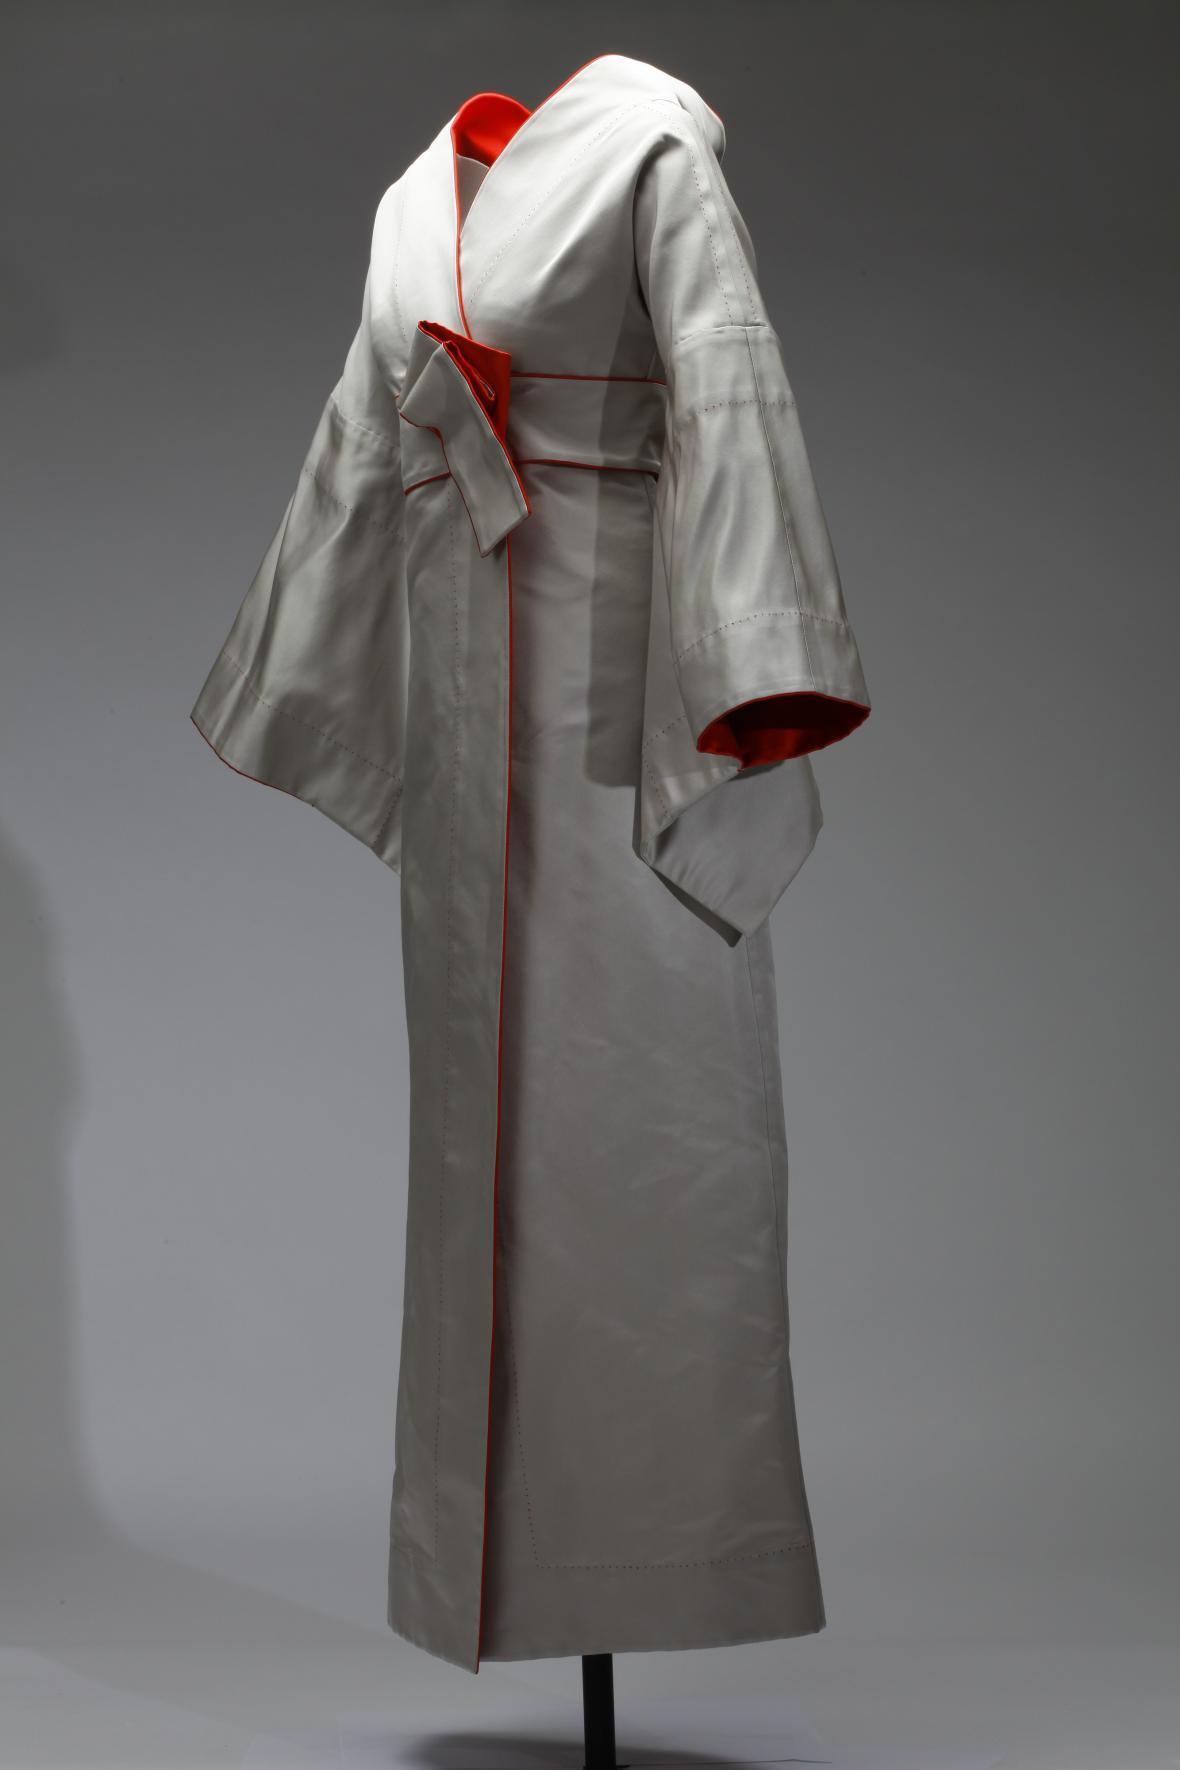 Šaty společenské dámské, inspirované japonským kimonem, hedvábný satén, Liběna Rochová, 2015